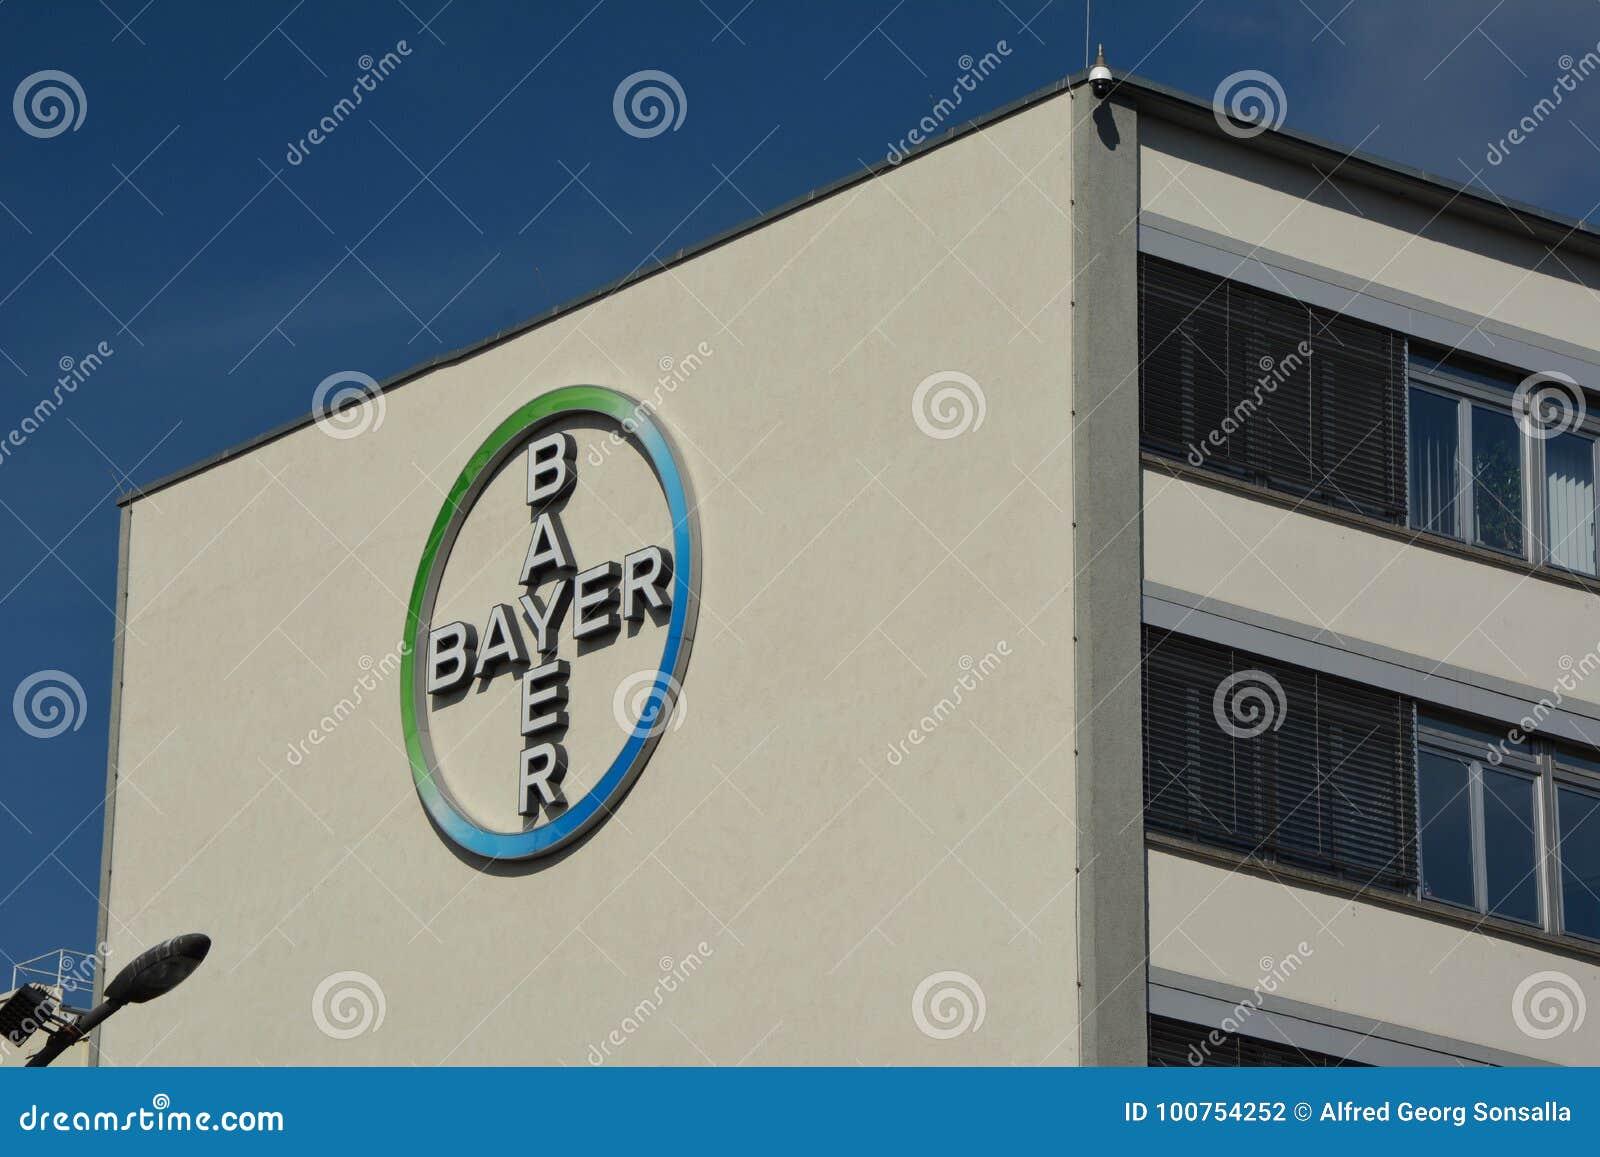 Bayer Pharma Ag Administration And Laboratory Buildings Of Bayer